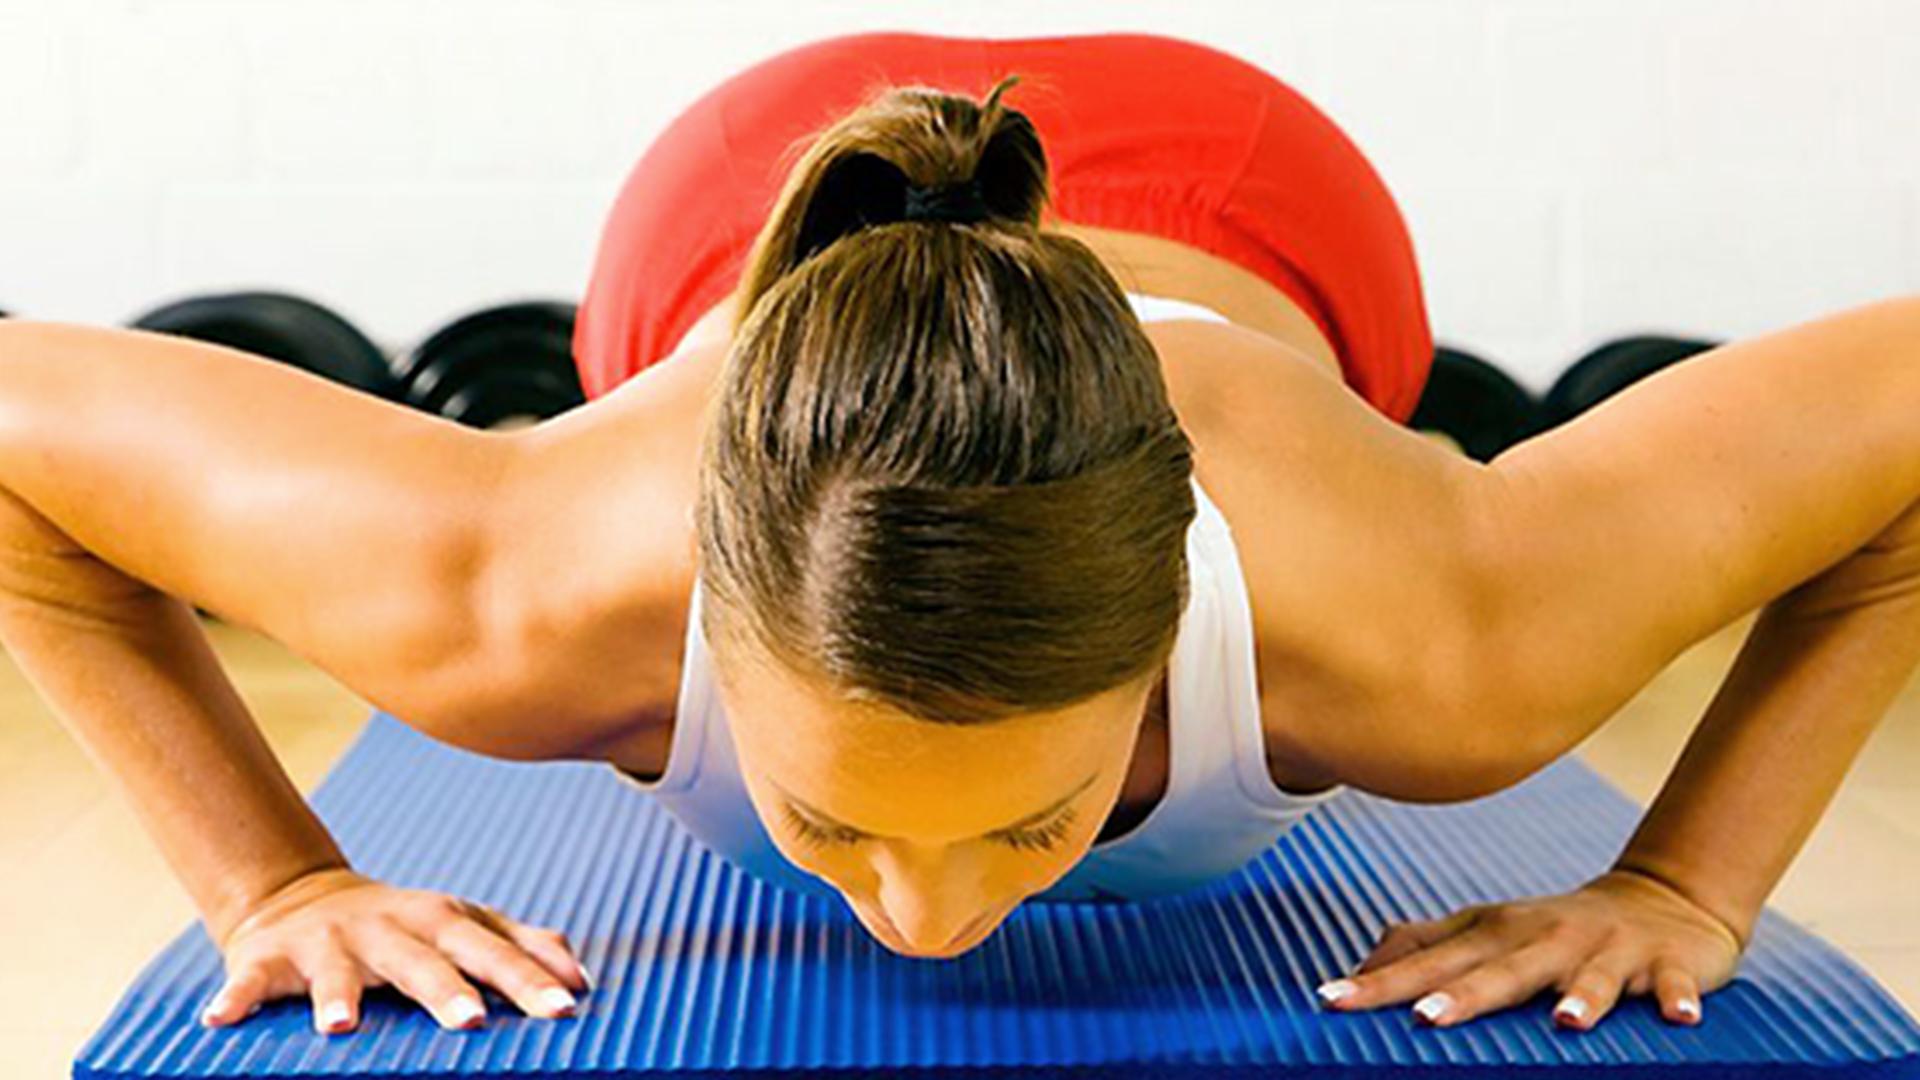 Упражнение для увеличения грудных мышц в домашних условиях